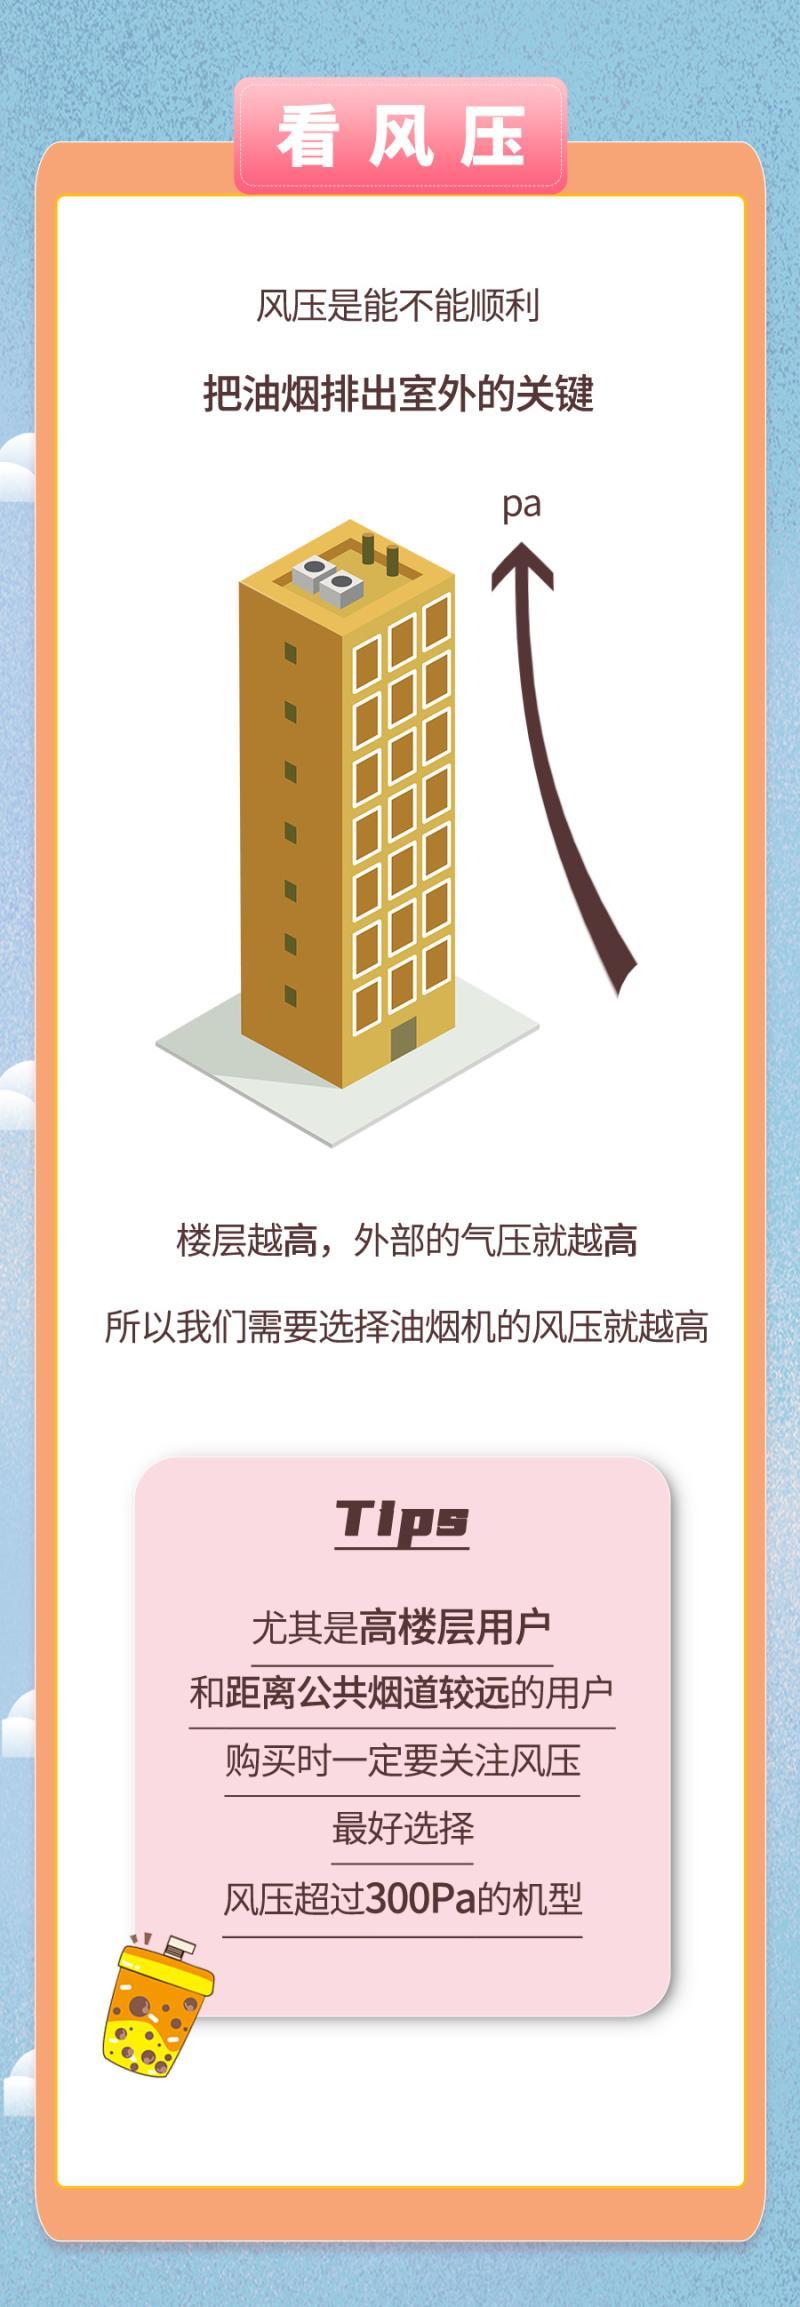 油烟机怎么选_07.jpg